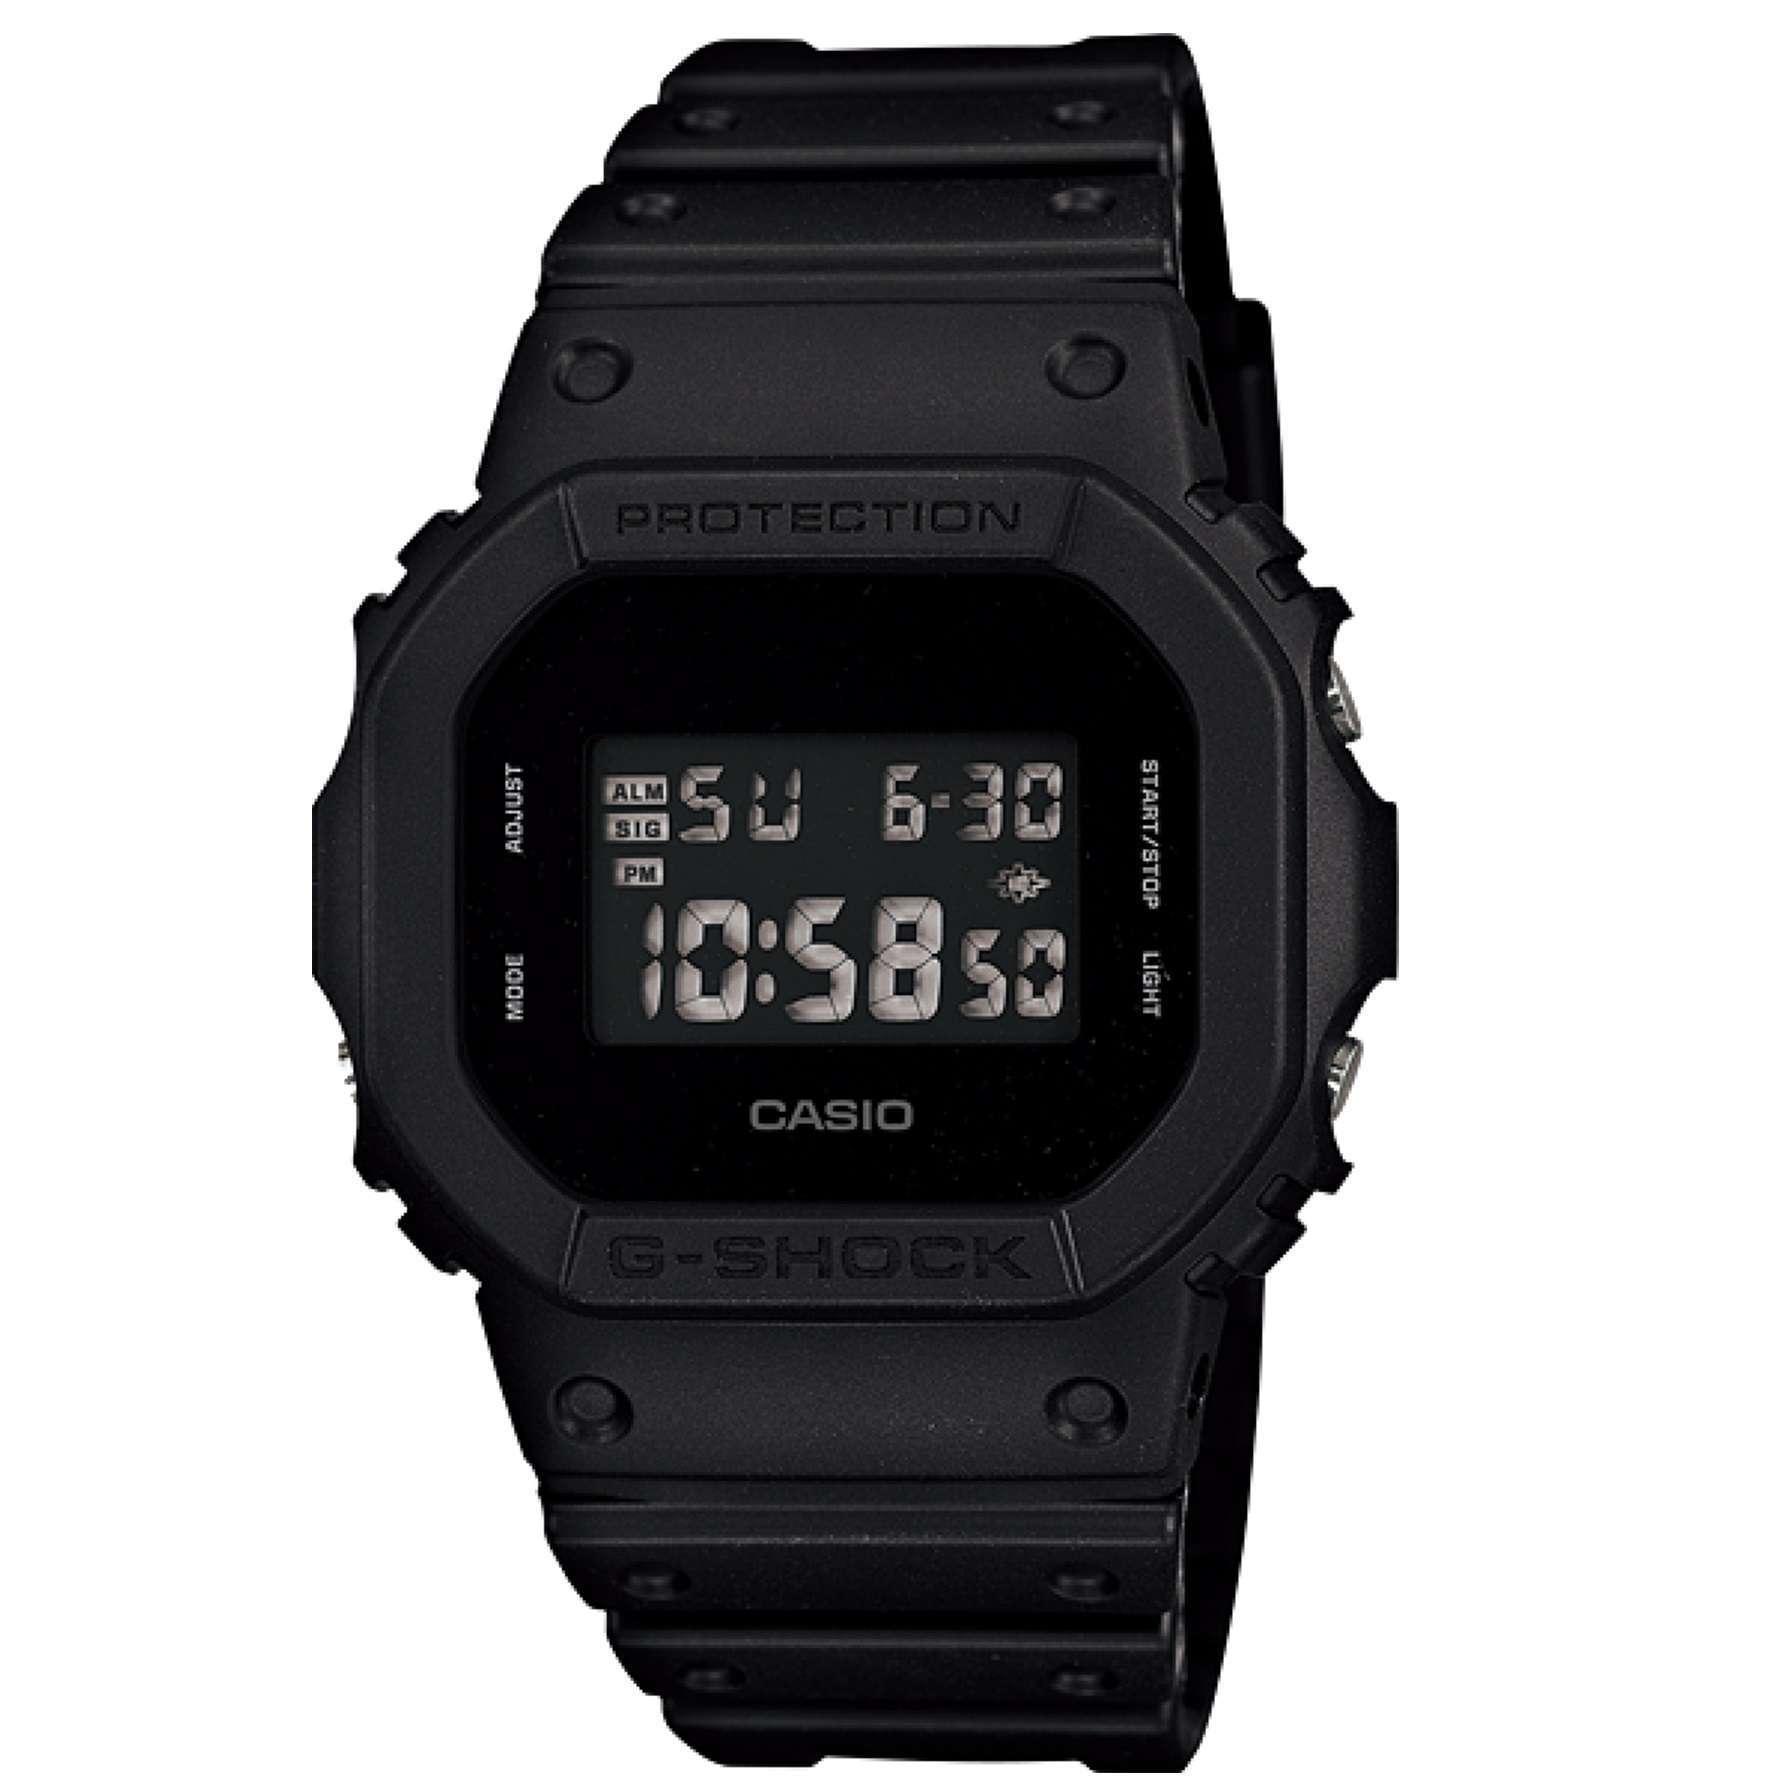 ساعت مچی کاسیو جی شاک DW-5600BB-1DR